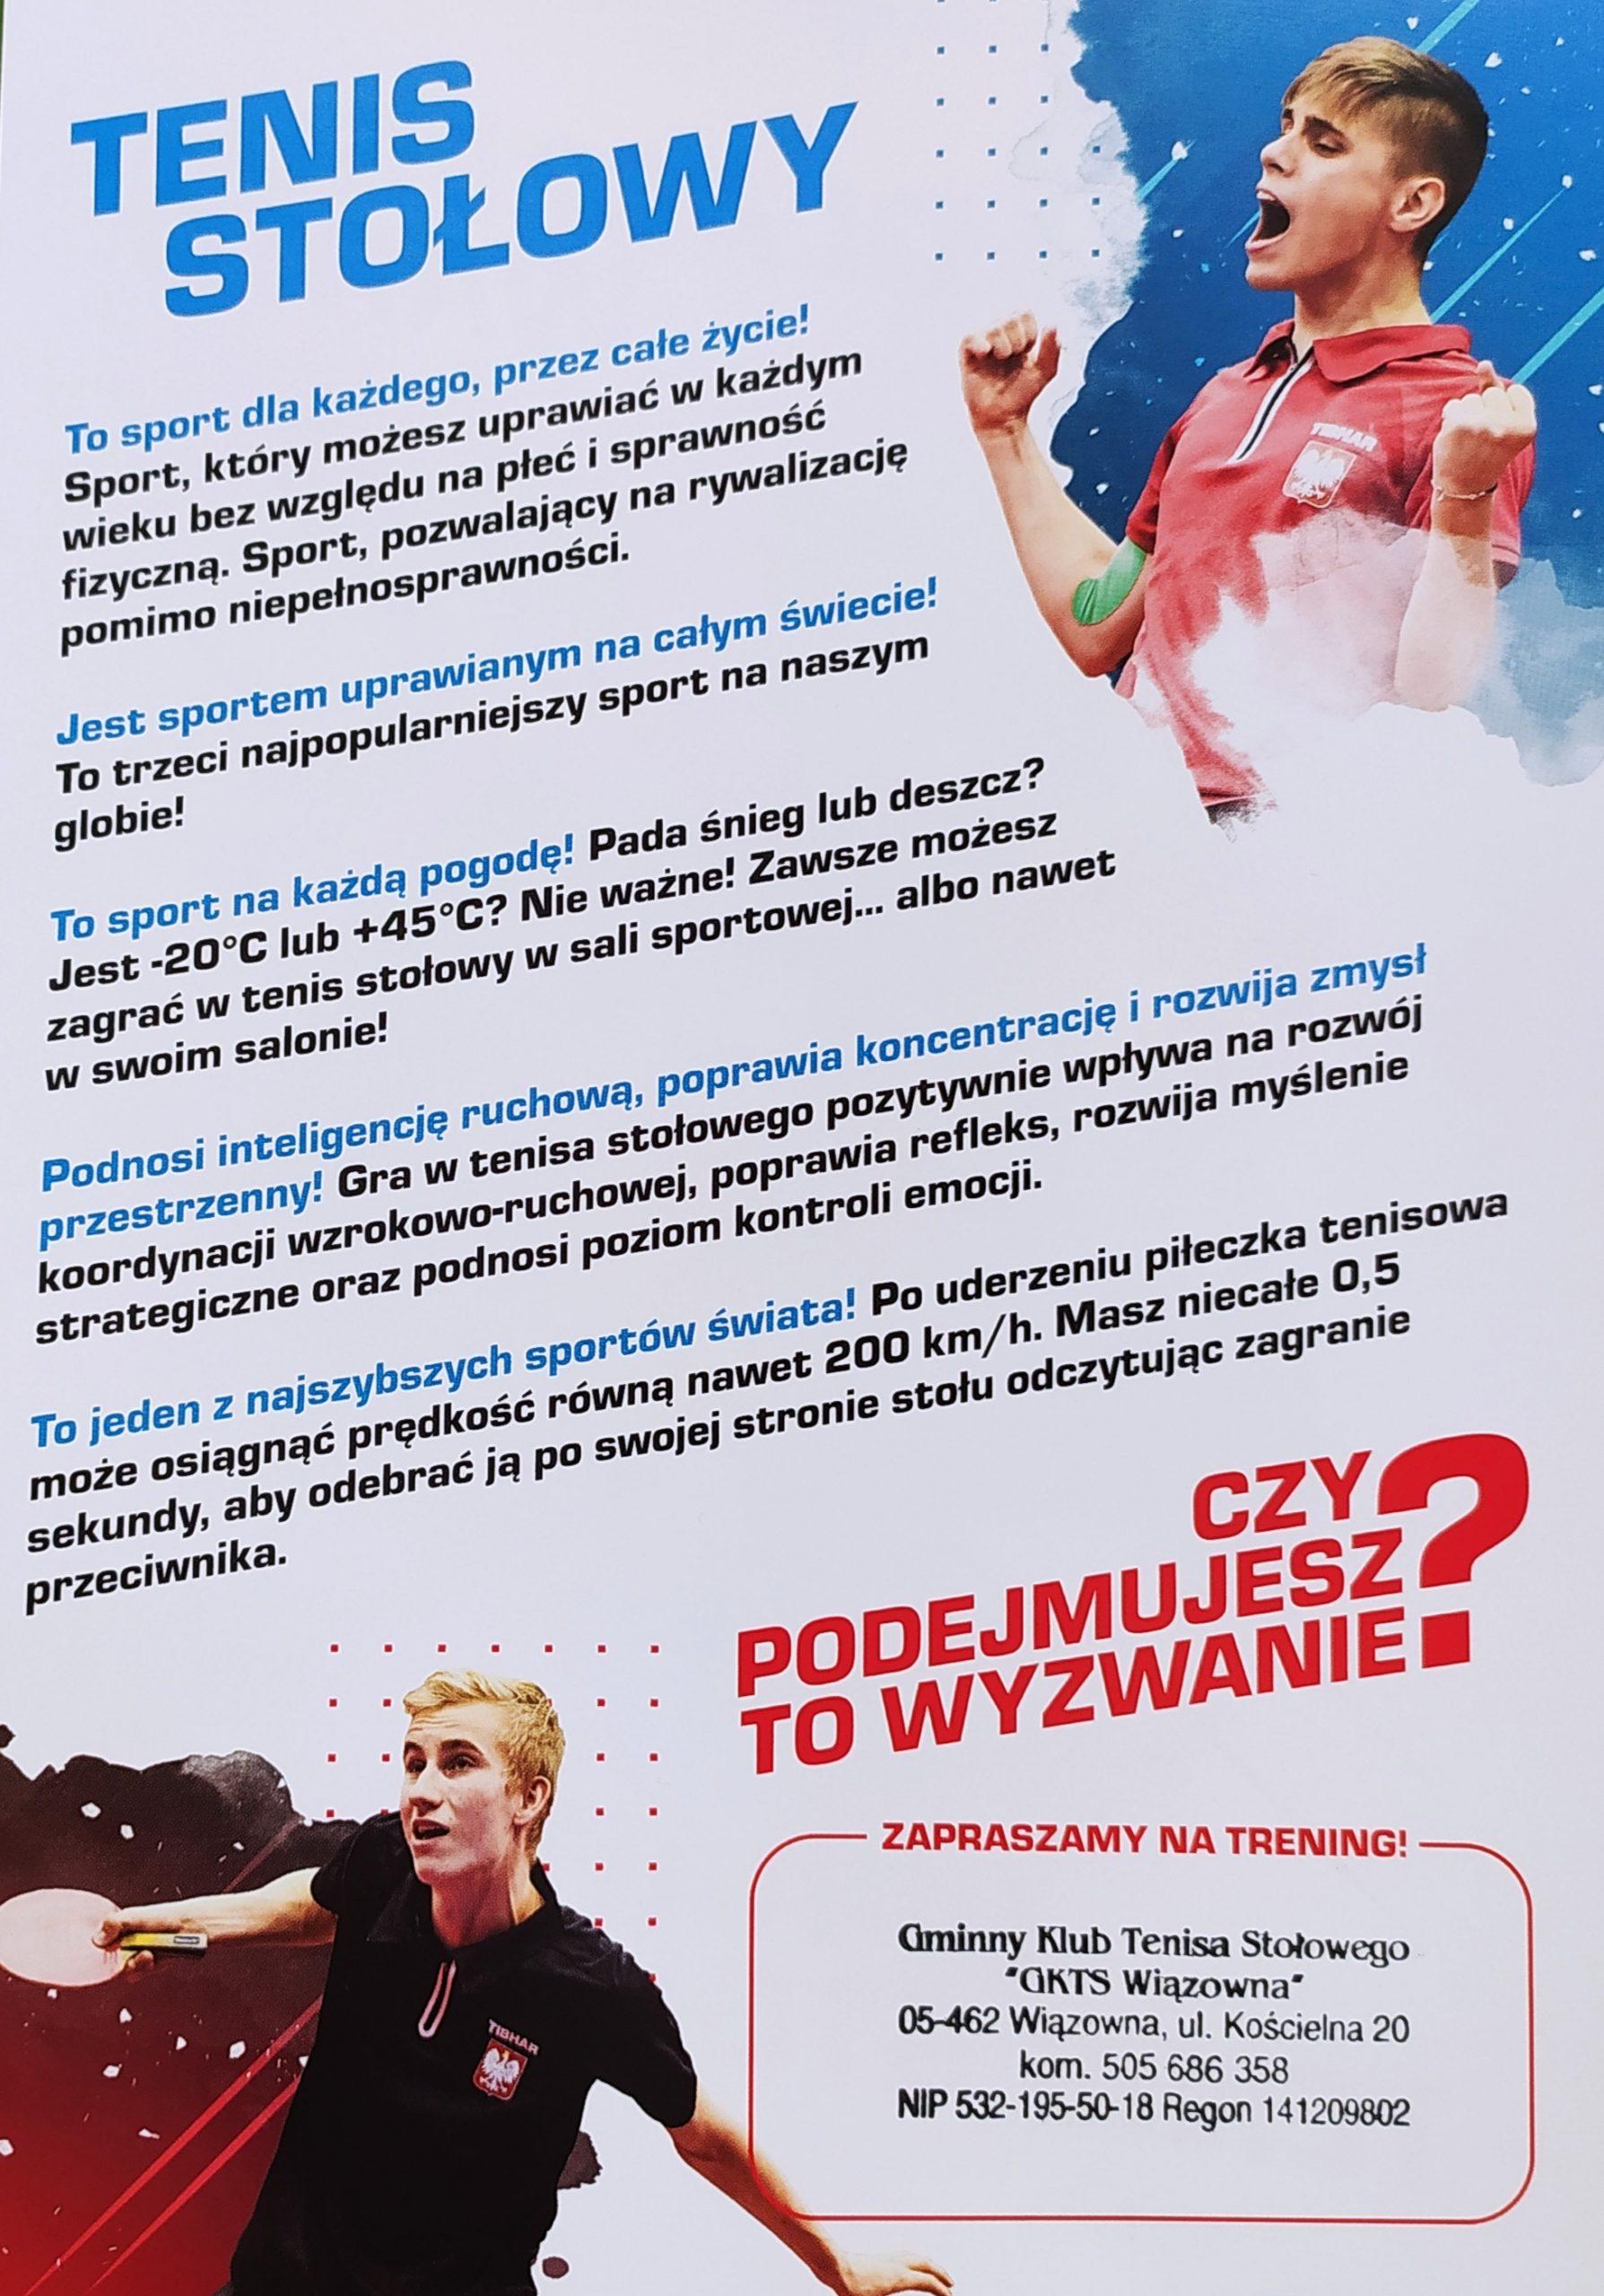 """Plakat promujący akcję """"Spotkaj się z Mistrzem w Swojej Szkole""""- spotkania promujące tenis stołowy w szkołach podstawowych."""